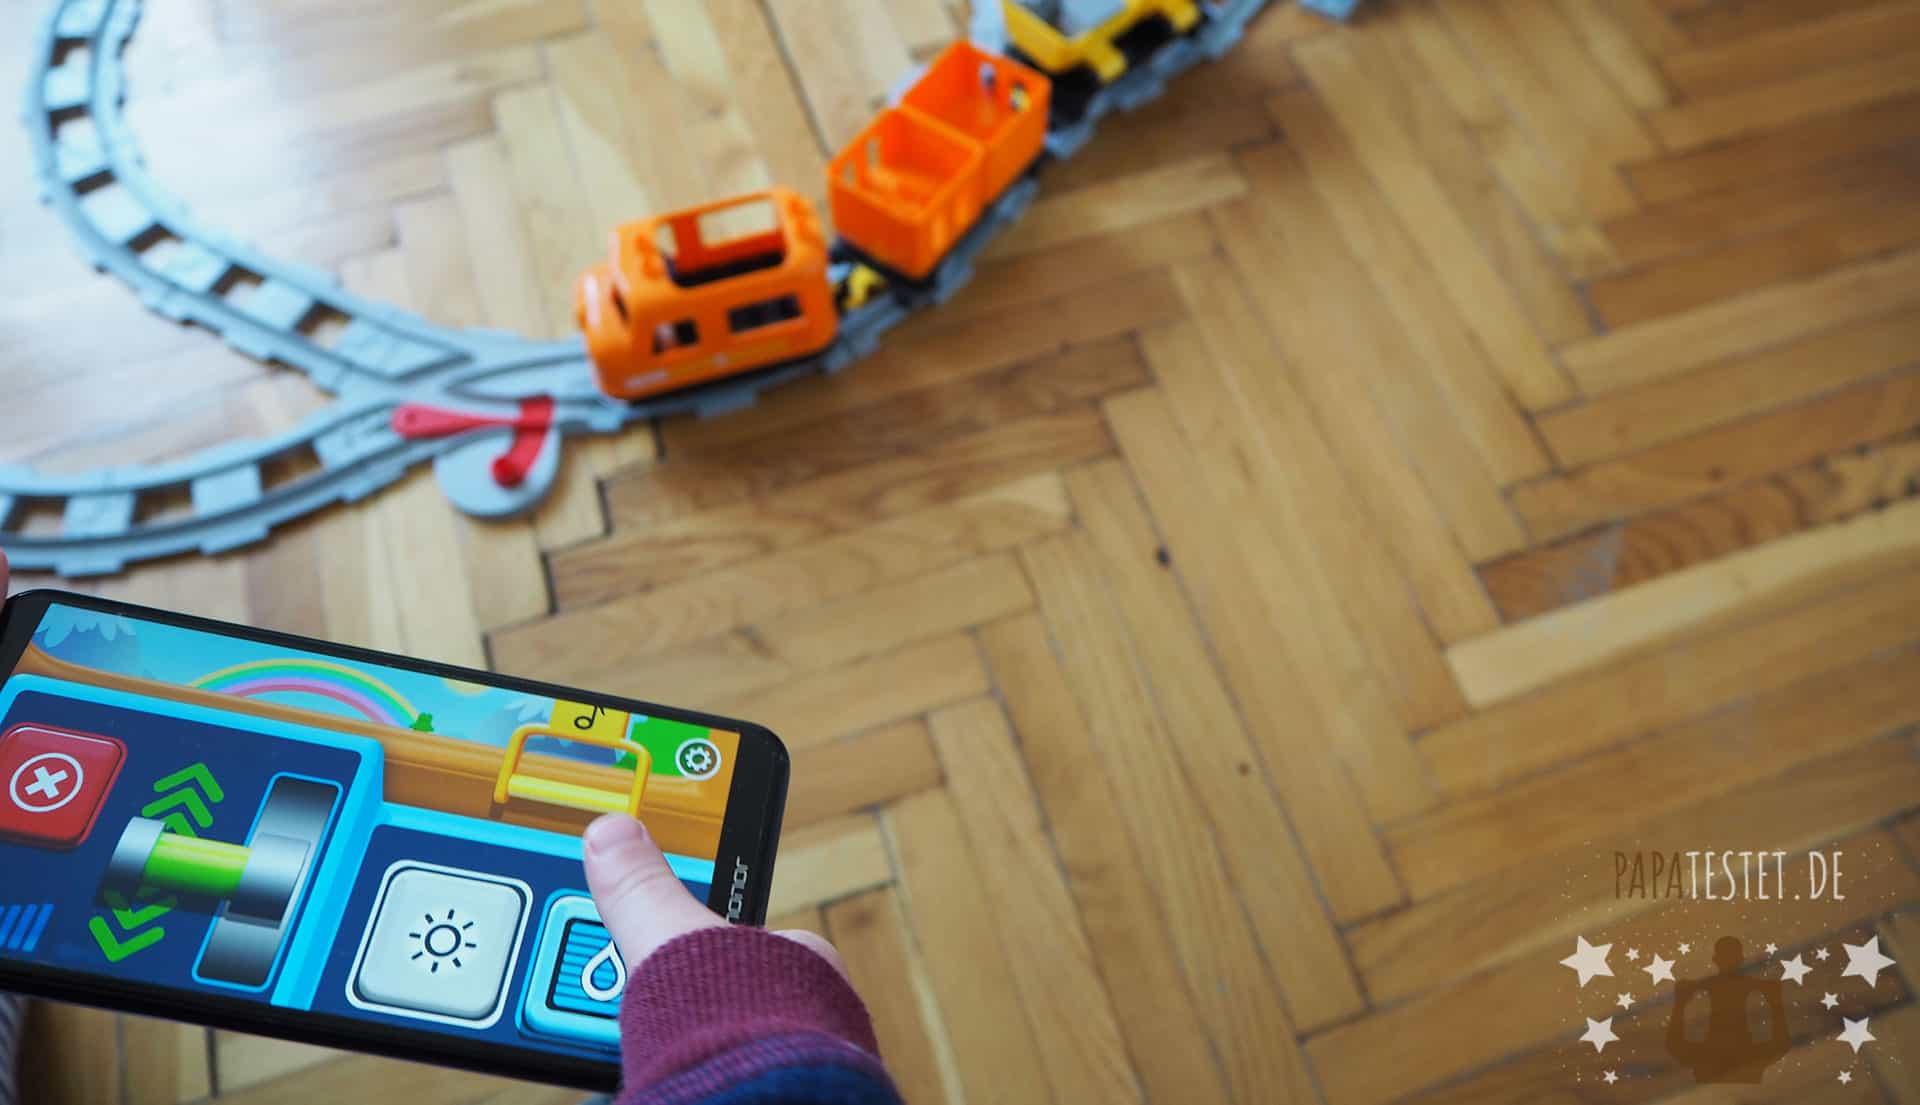 Die Duplo Eisenbahn wird mittels Smartphone gesteuert